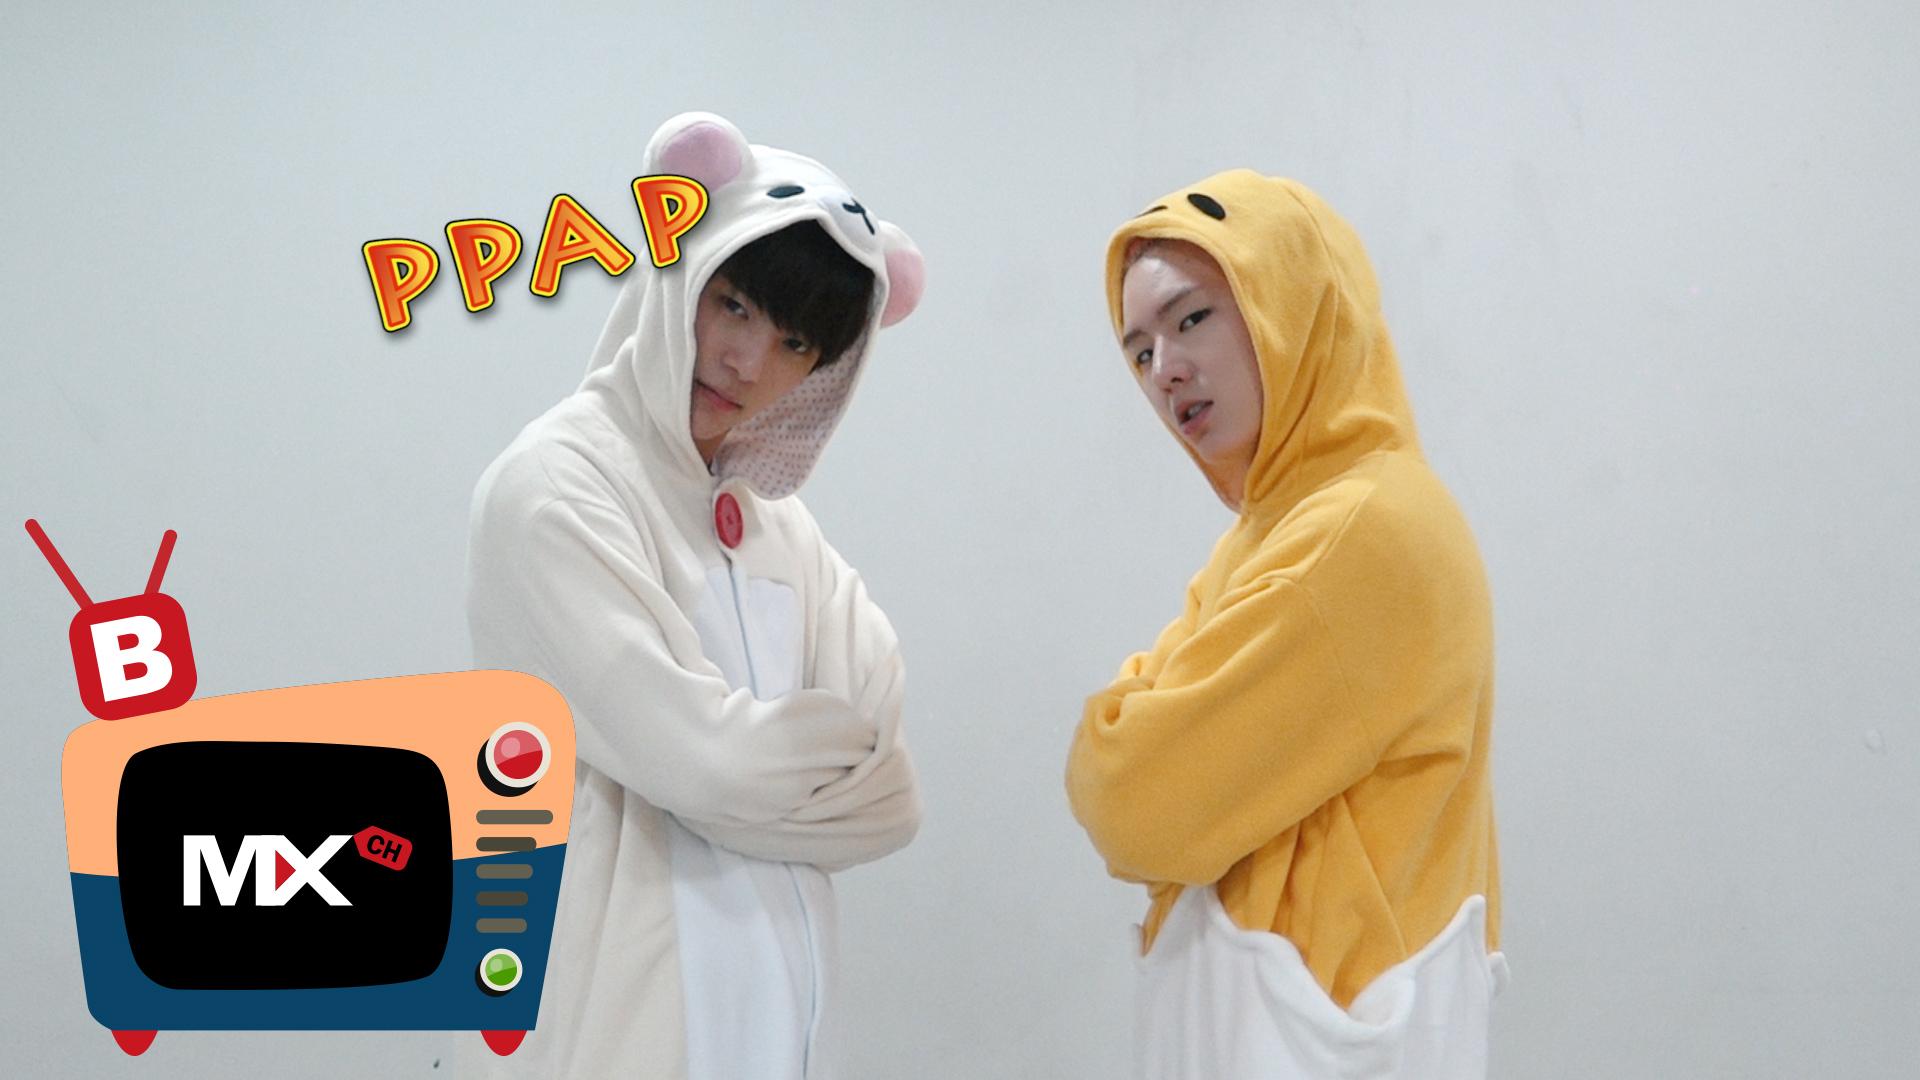 [몬채널][B] EP30. PPAP (KH & MH ver.)